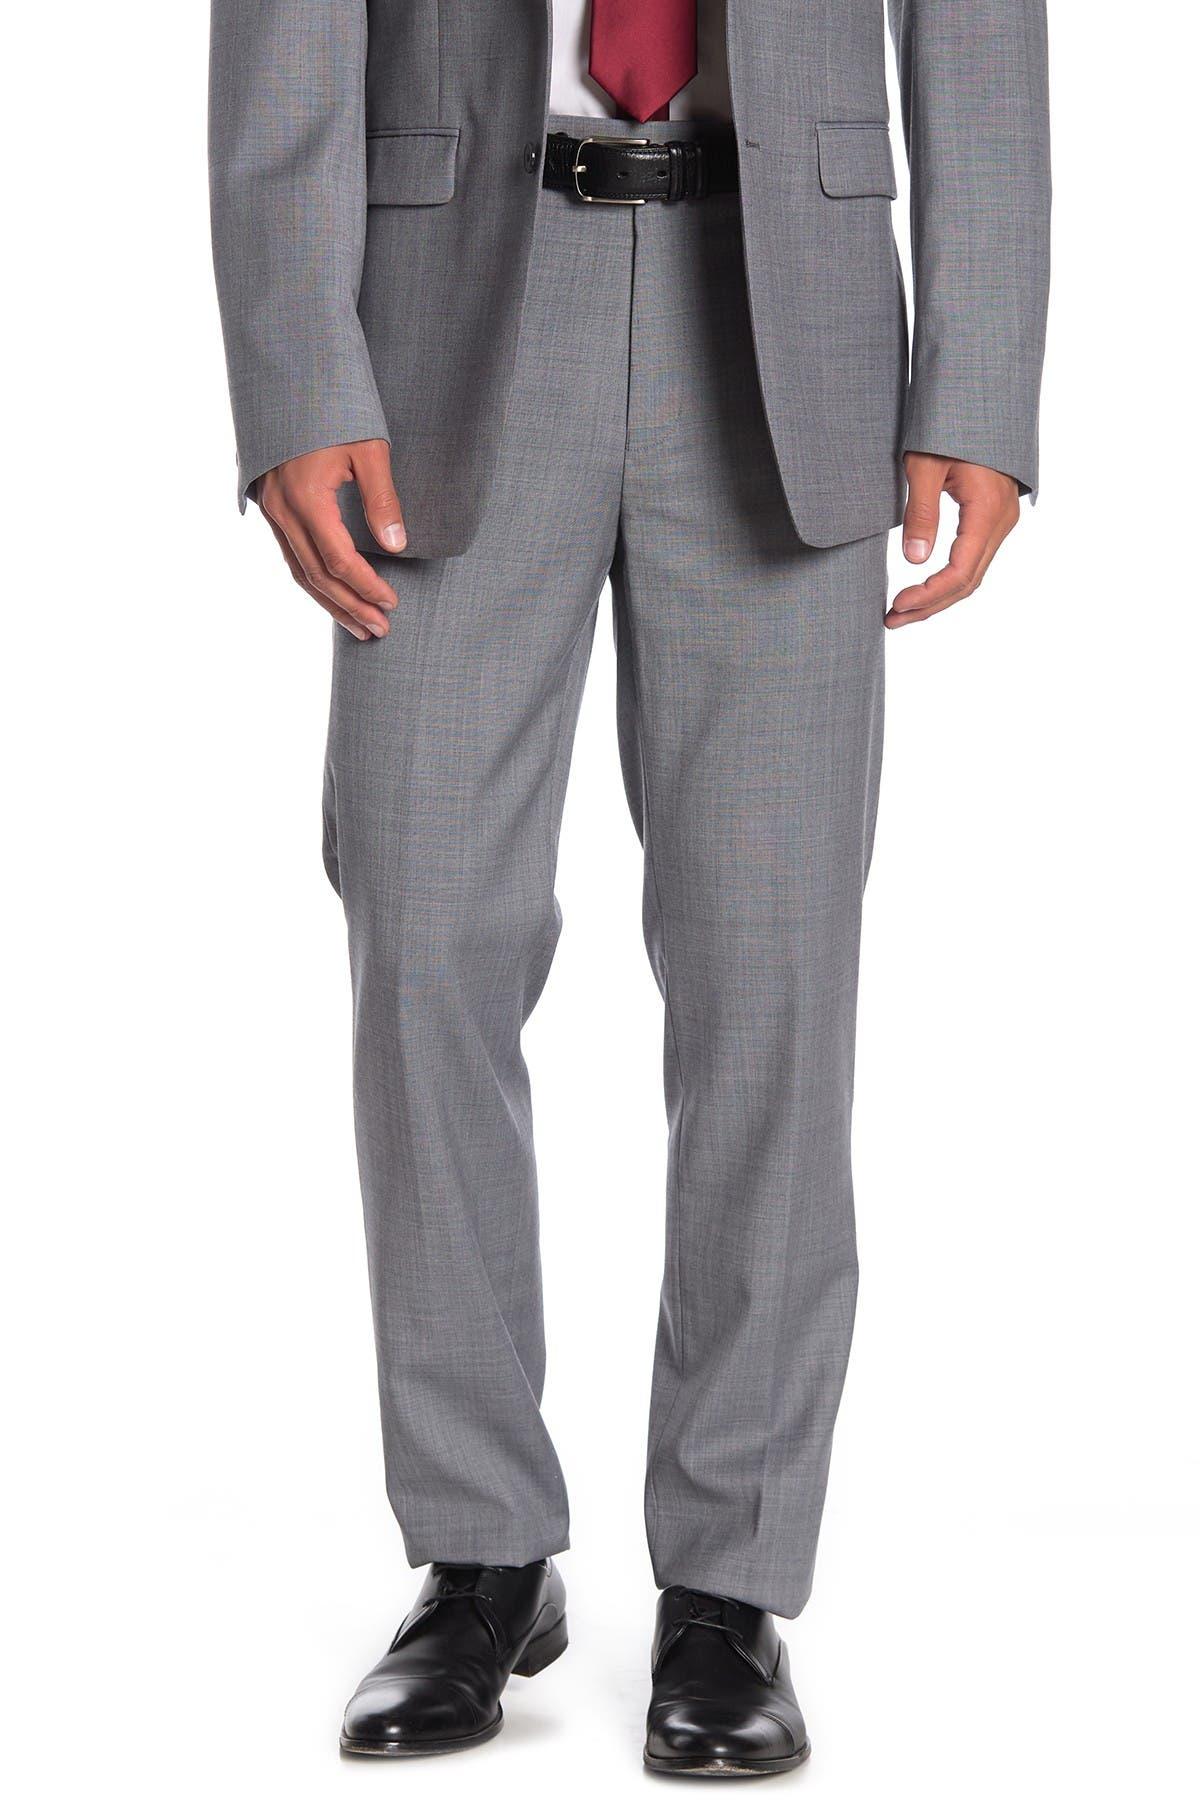 """Image of Calvin Klein Solid Medium Grey Suit Separates Pants - 30-34"""" Inseam"""